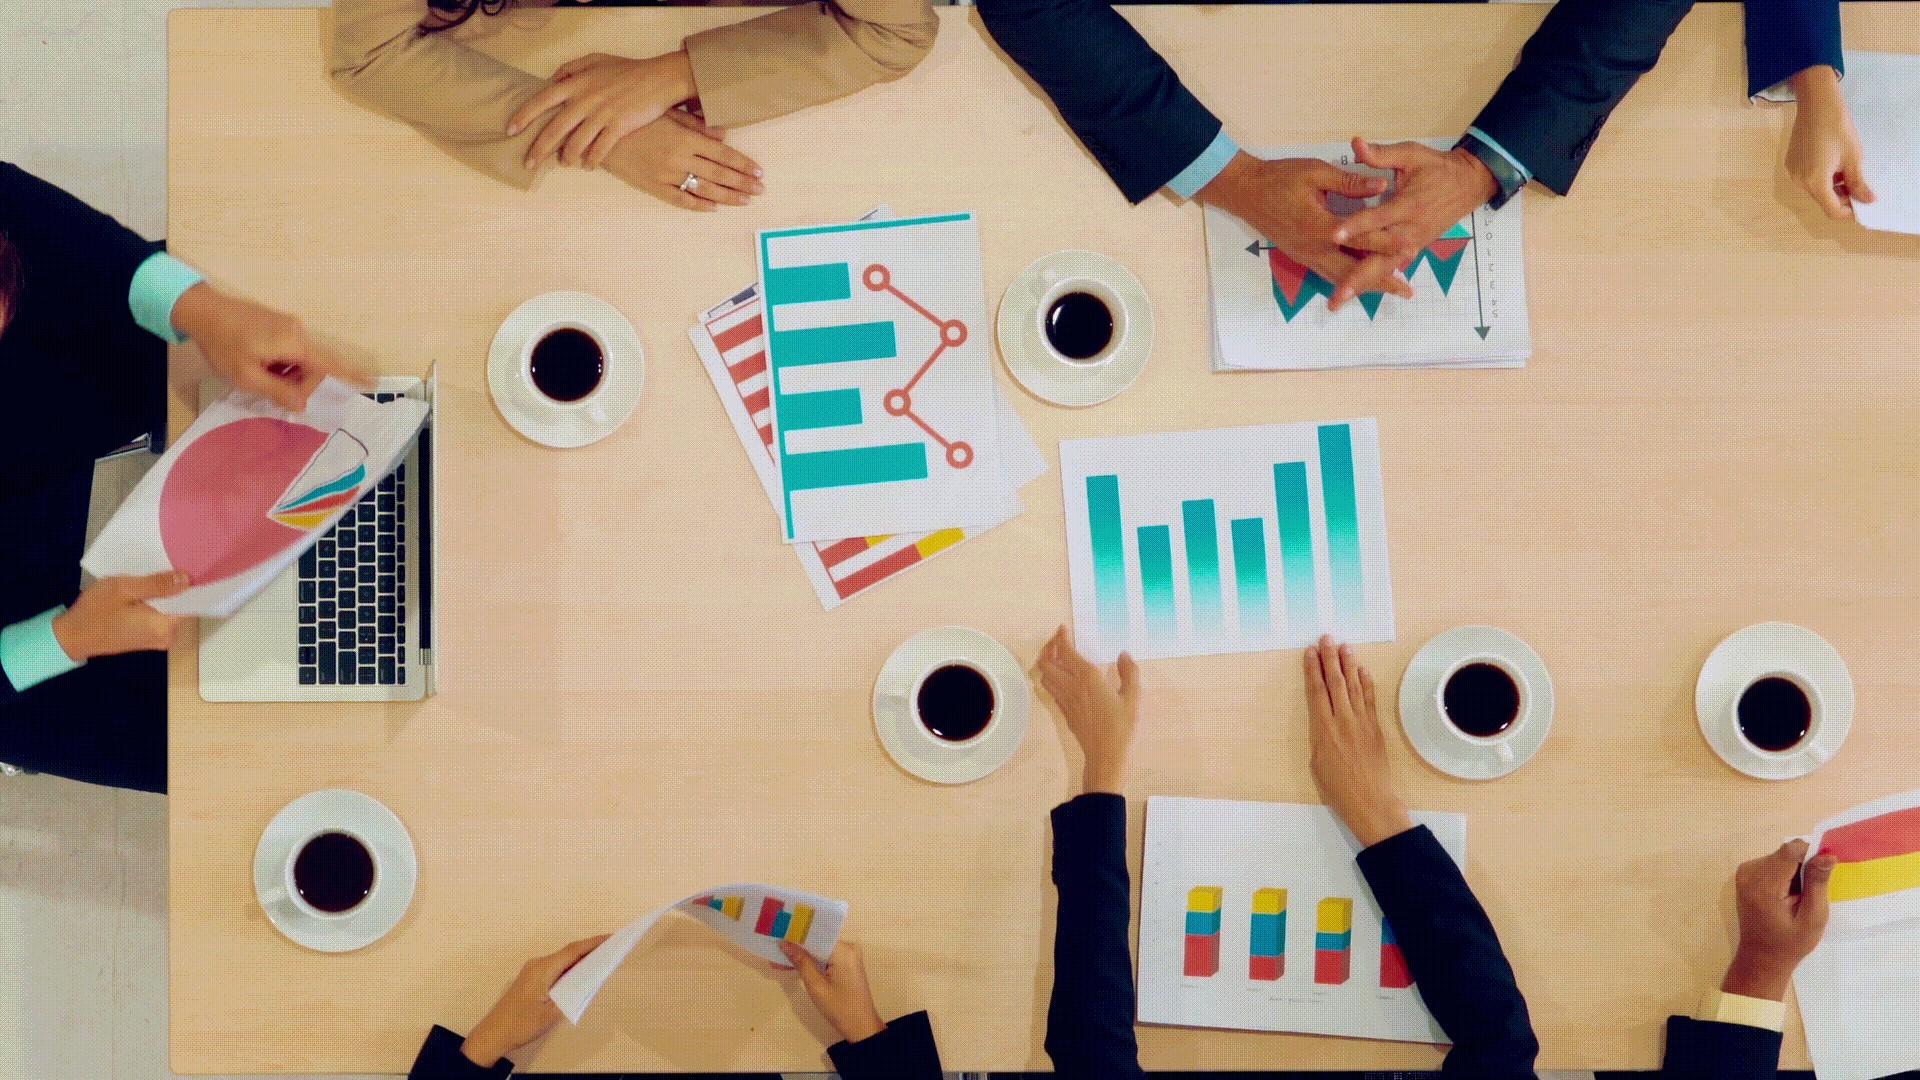 choix d'un système de gestion d'entreprise de service